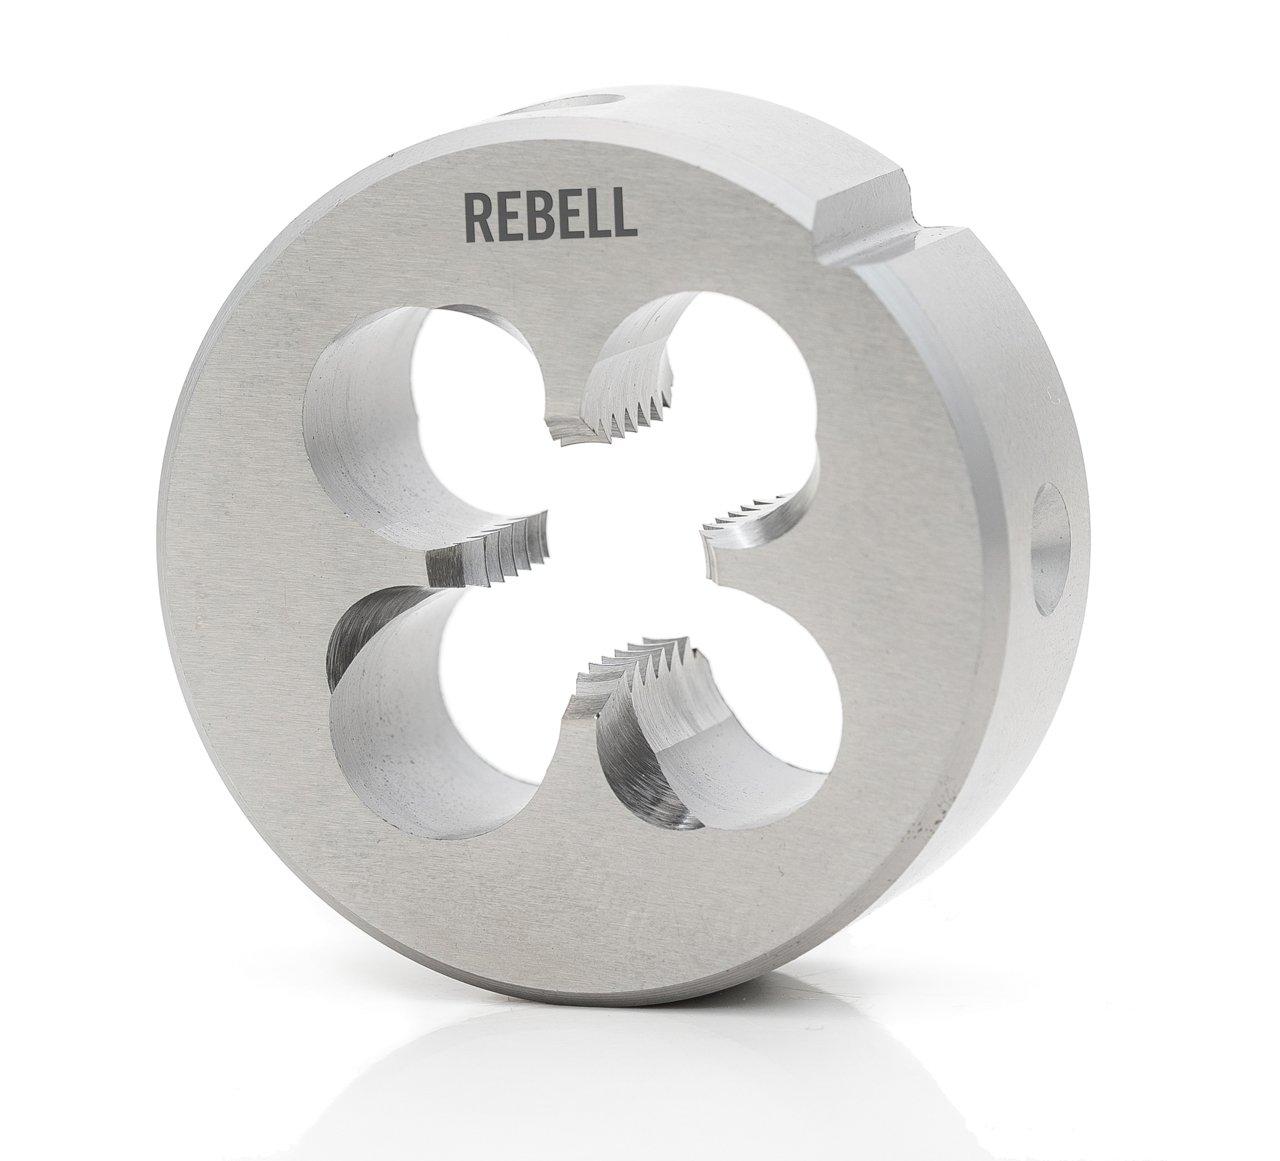 REBELL Schneideisen G RH A HSS geläppt mit Schälanschnitt - EN 24231 - Typ N